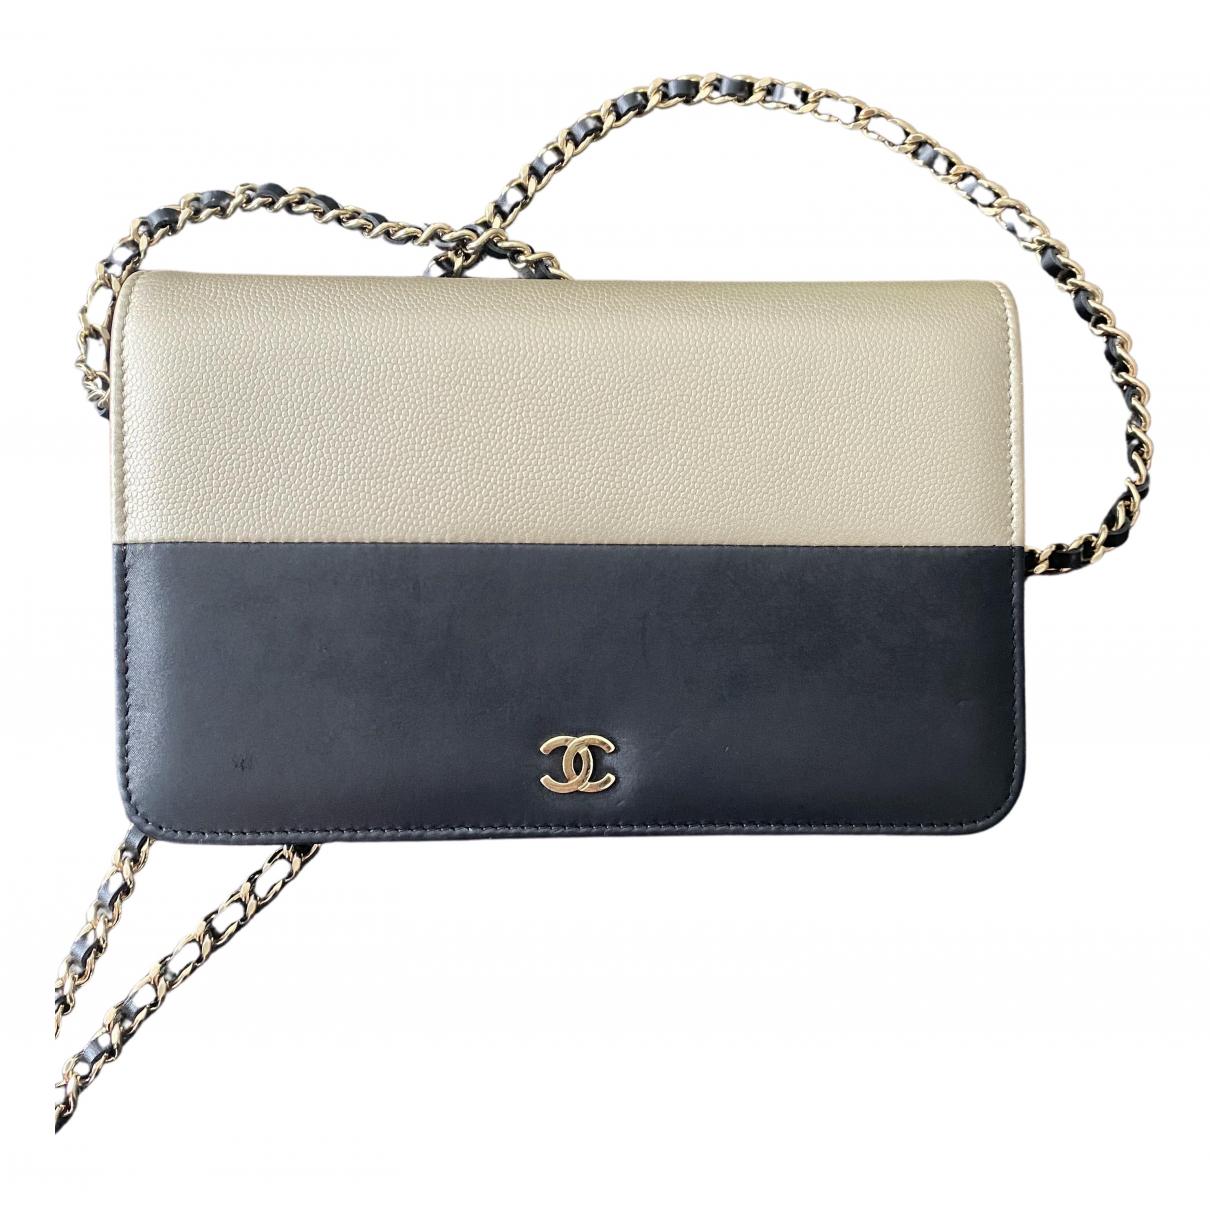 Chanel - Pochette Wallet on Chain pour femme en cuir - dore